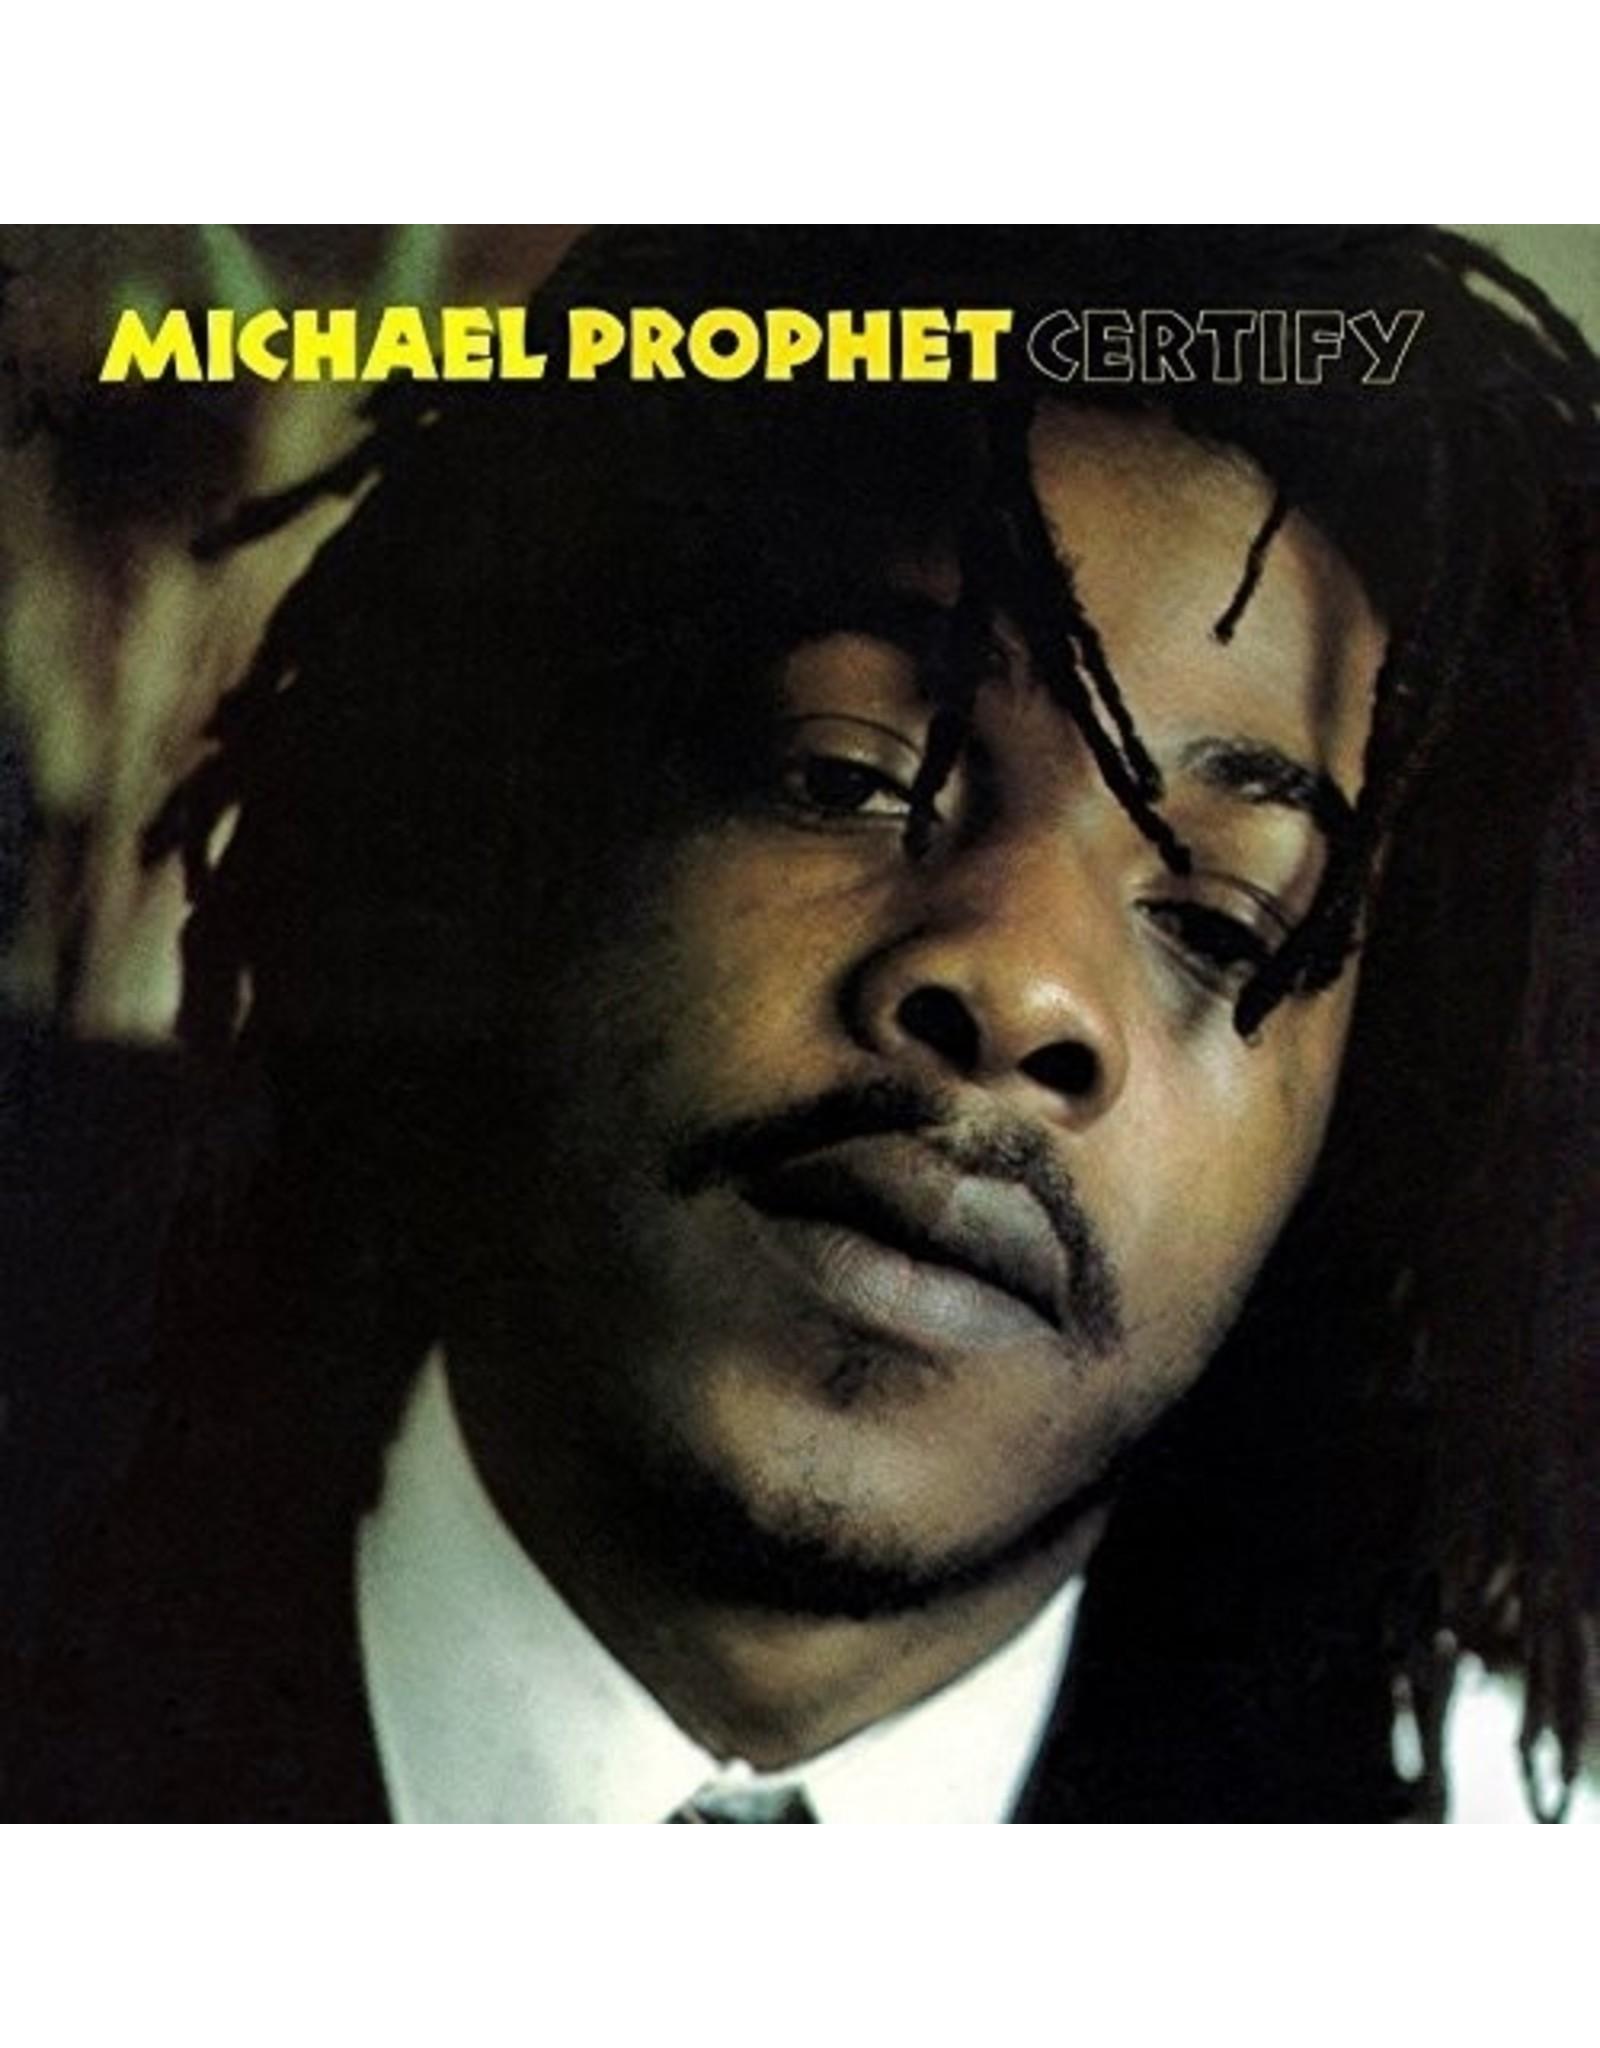 New Vinyl Michael Prophet - Certify LP